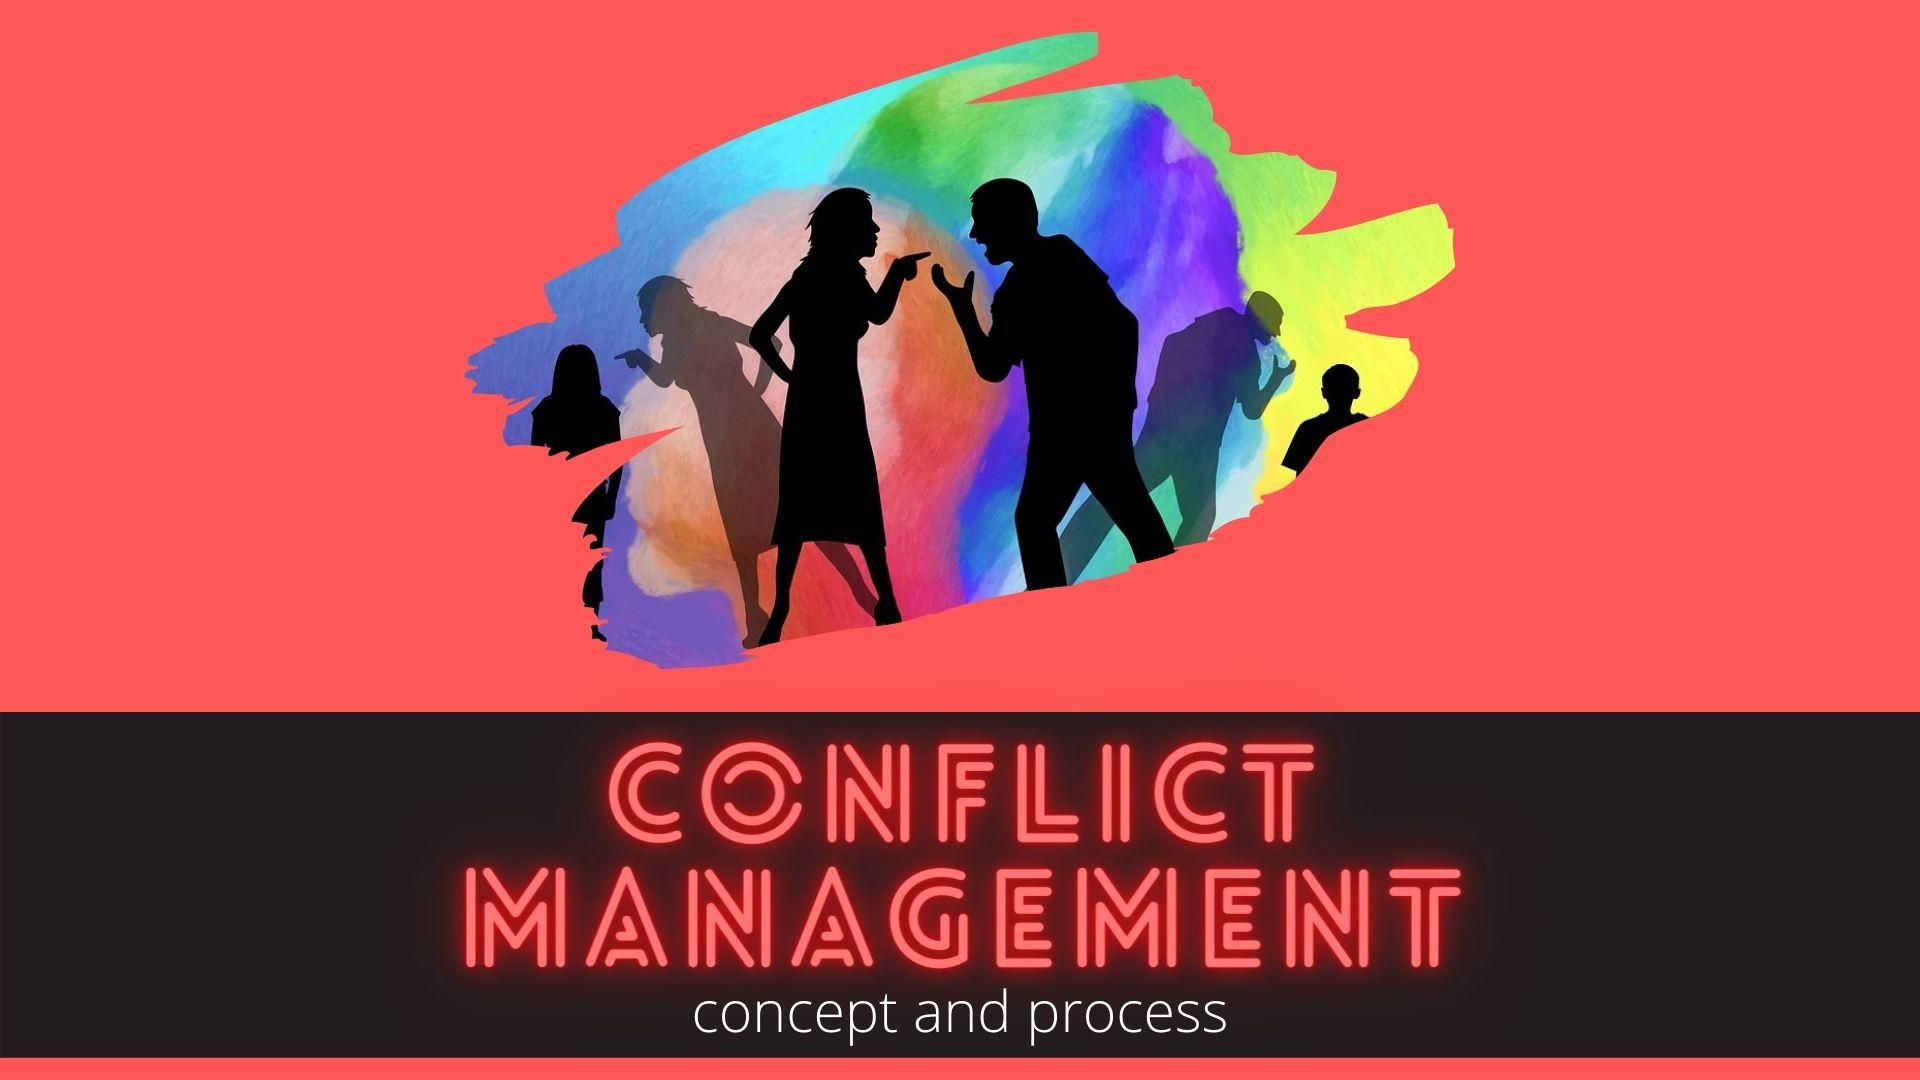 Conflict Management Course Image GoEdu